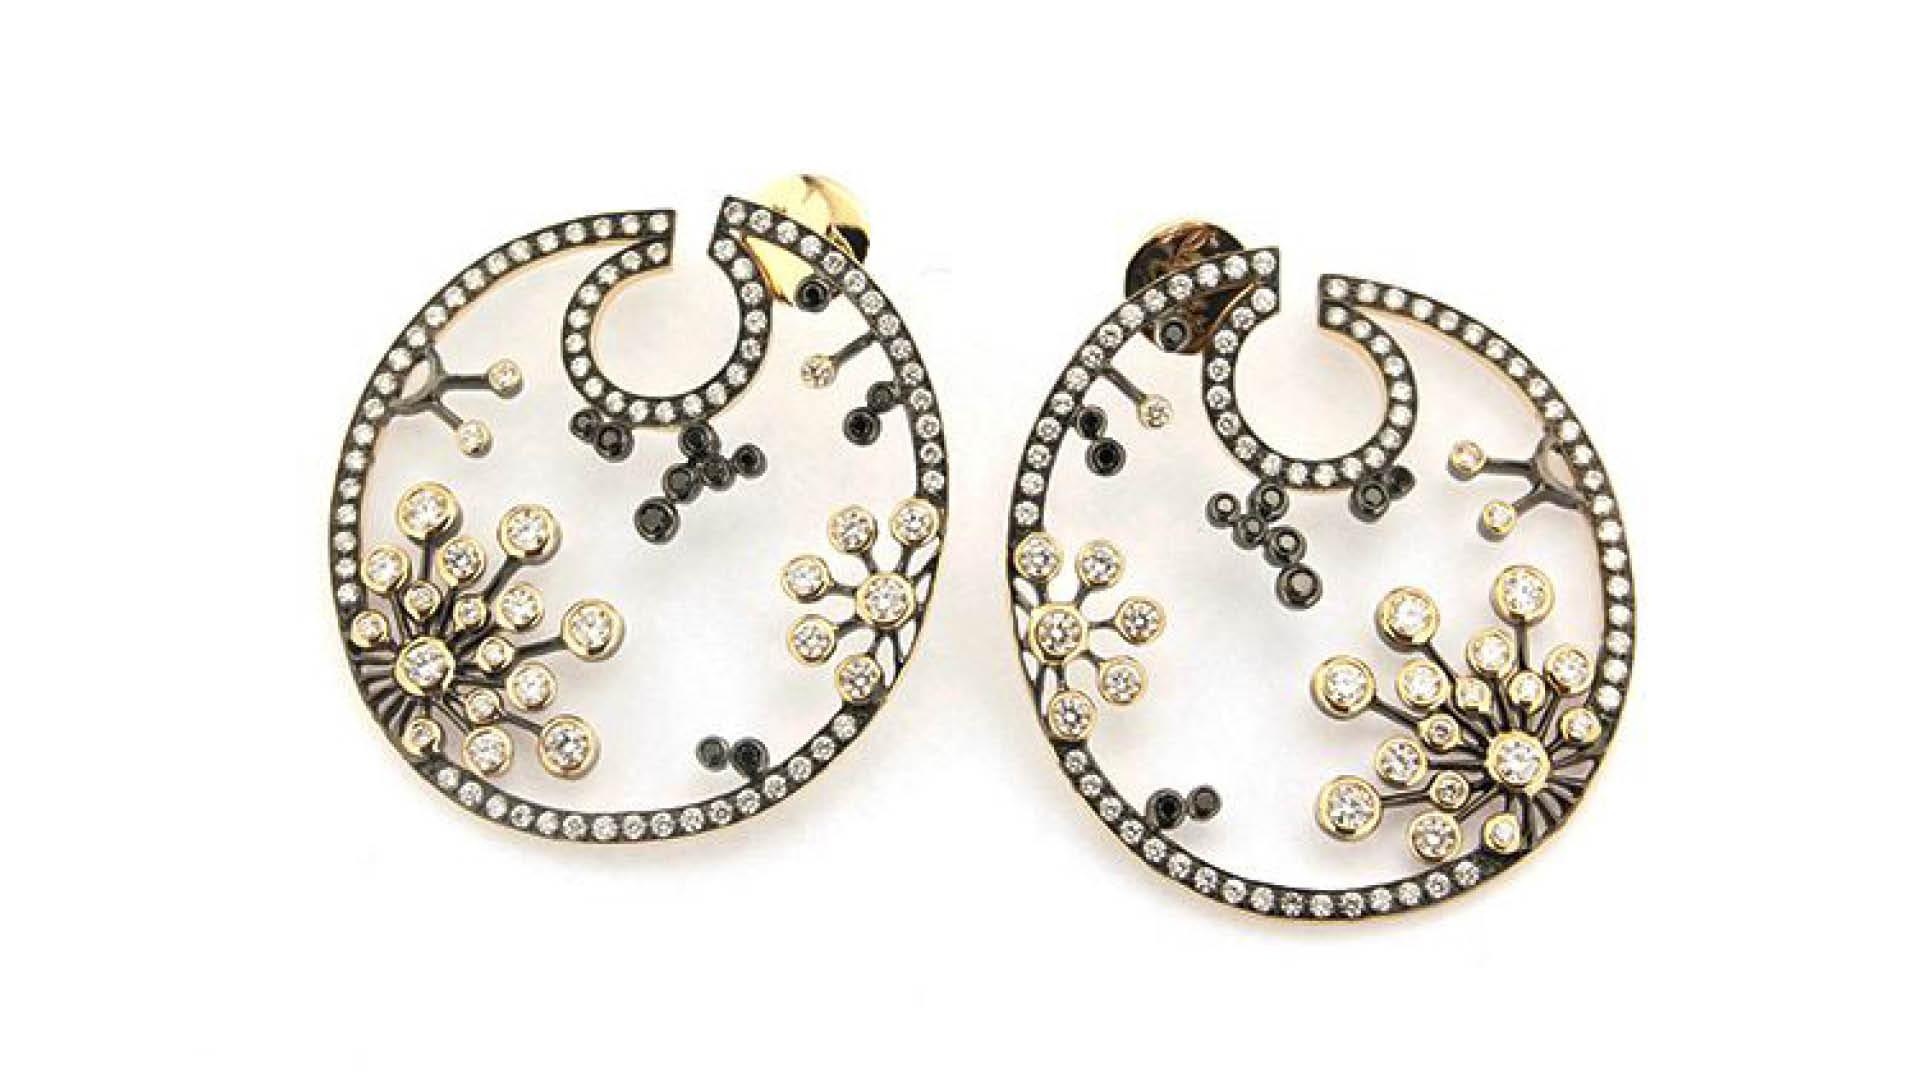 Payal-Starburst-Hoop-Earrings-Moda-Operandi